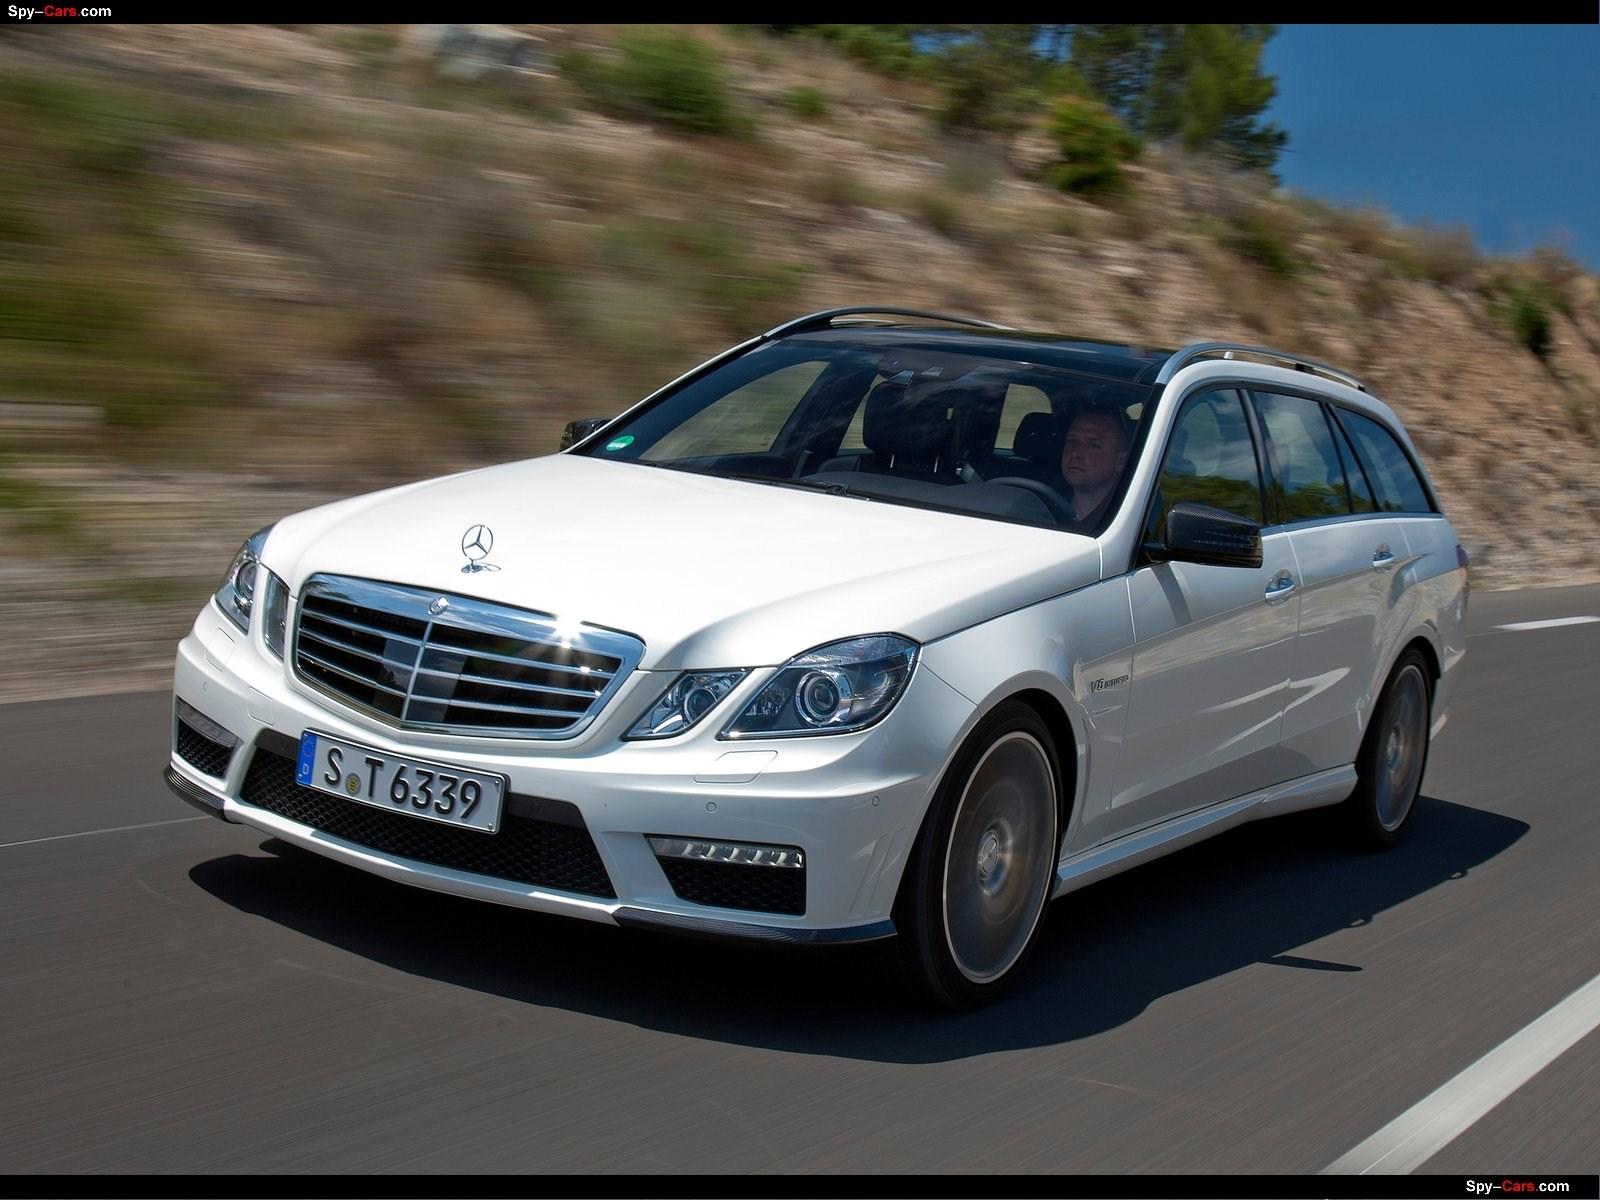 2012 mercedes benz e63 amg wagon mercedes benz cars for Mercedes benz e350 wagon